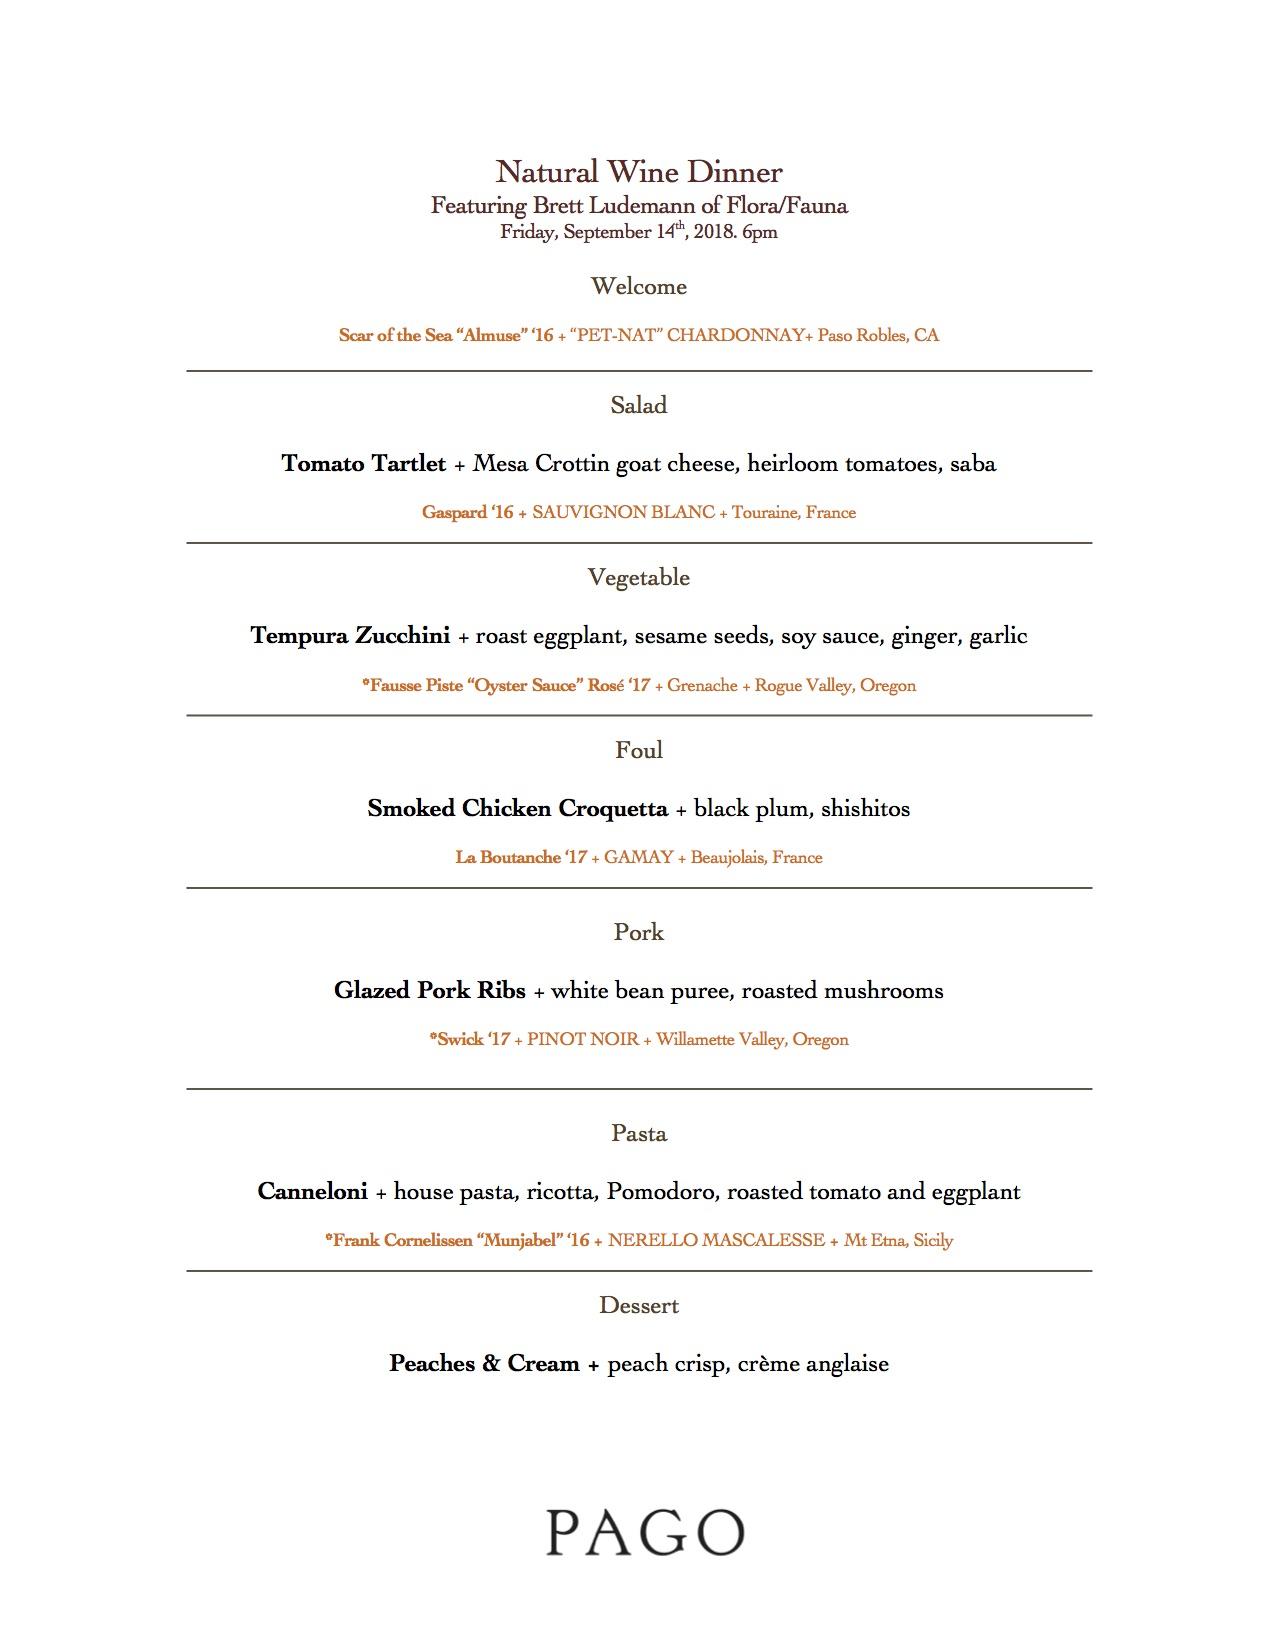 Natural Wine Dinner 9 14 2018.jpg